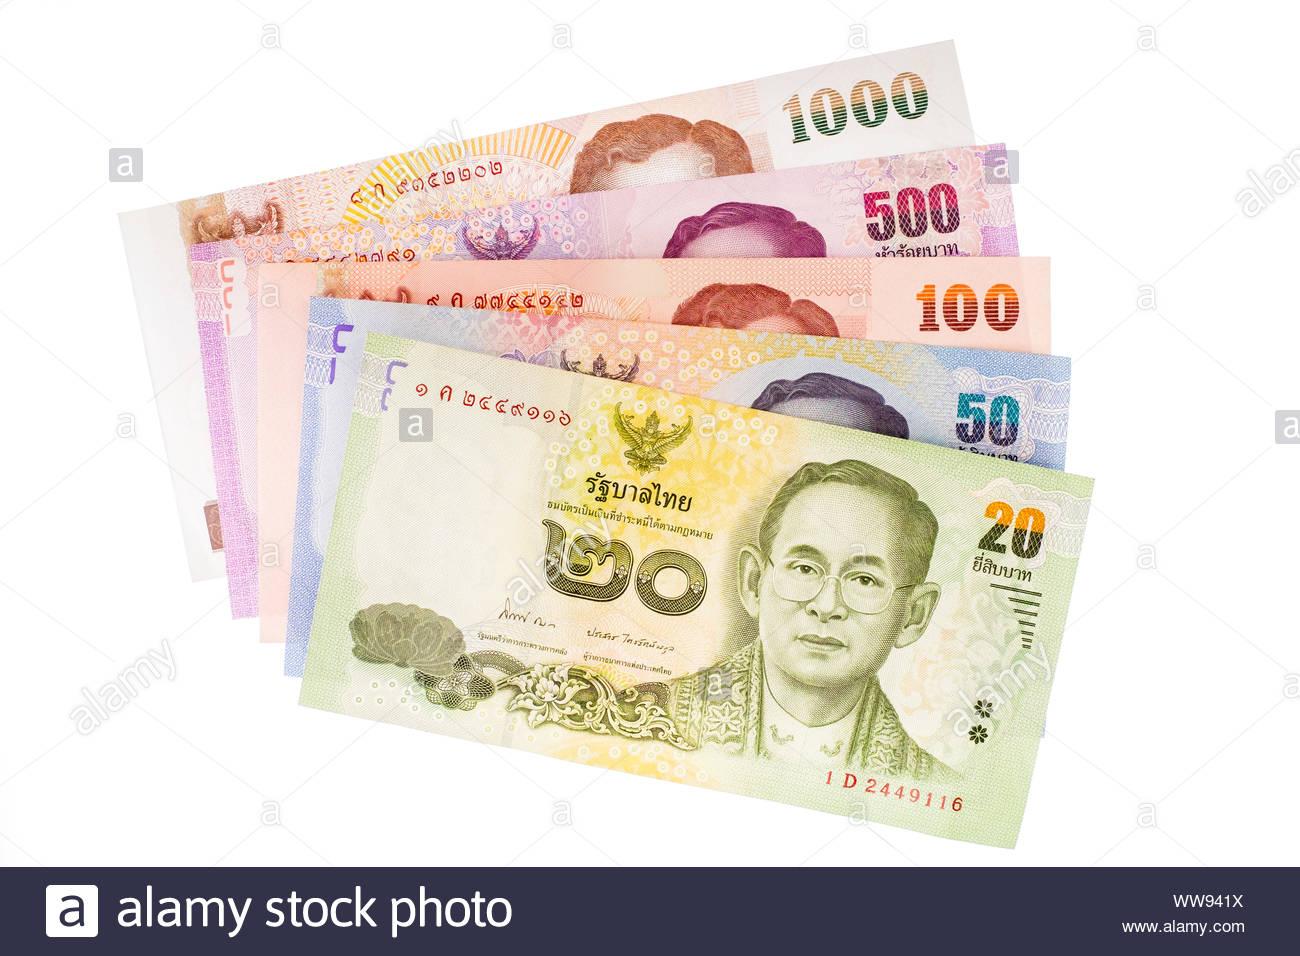 Thai Baht Currency 20 Baht Photos Thai Baht Currency 20 Baht